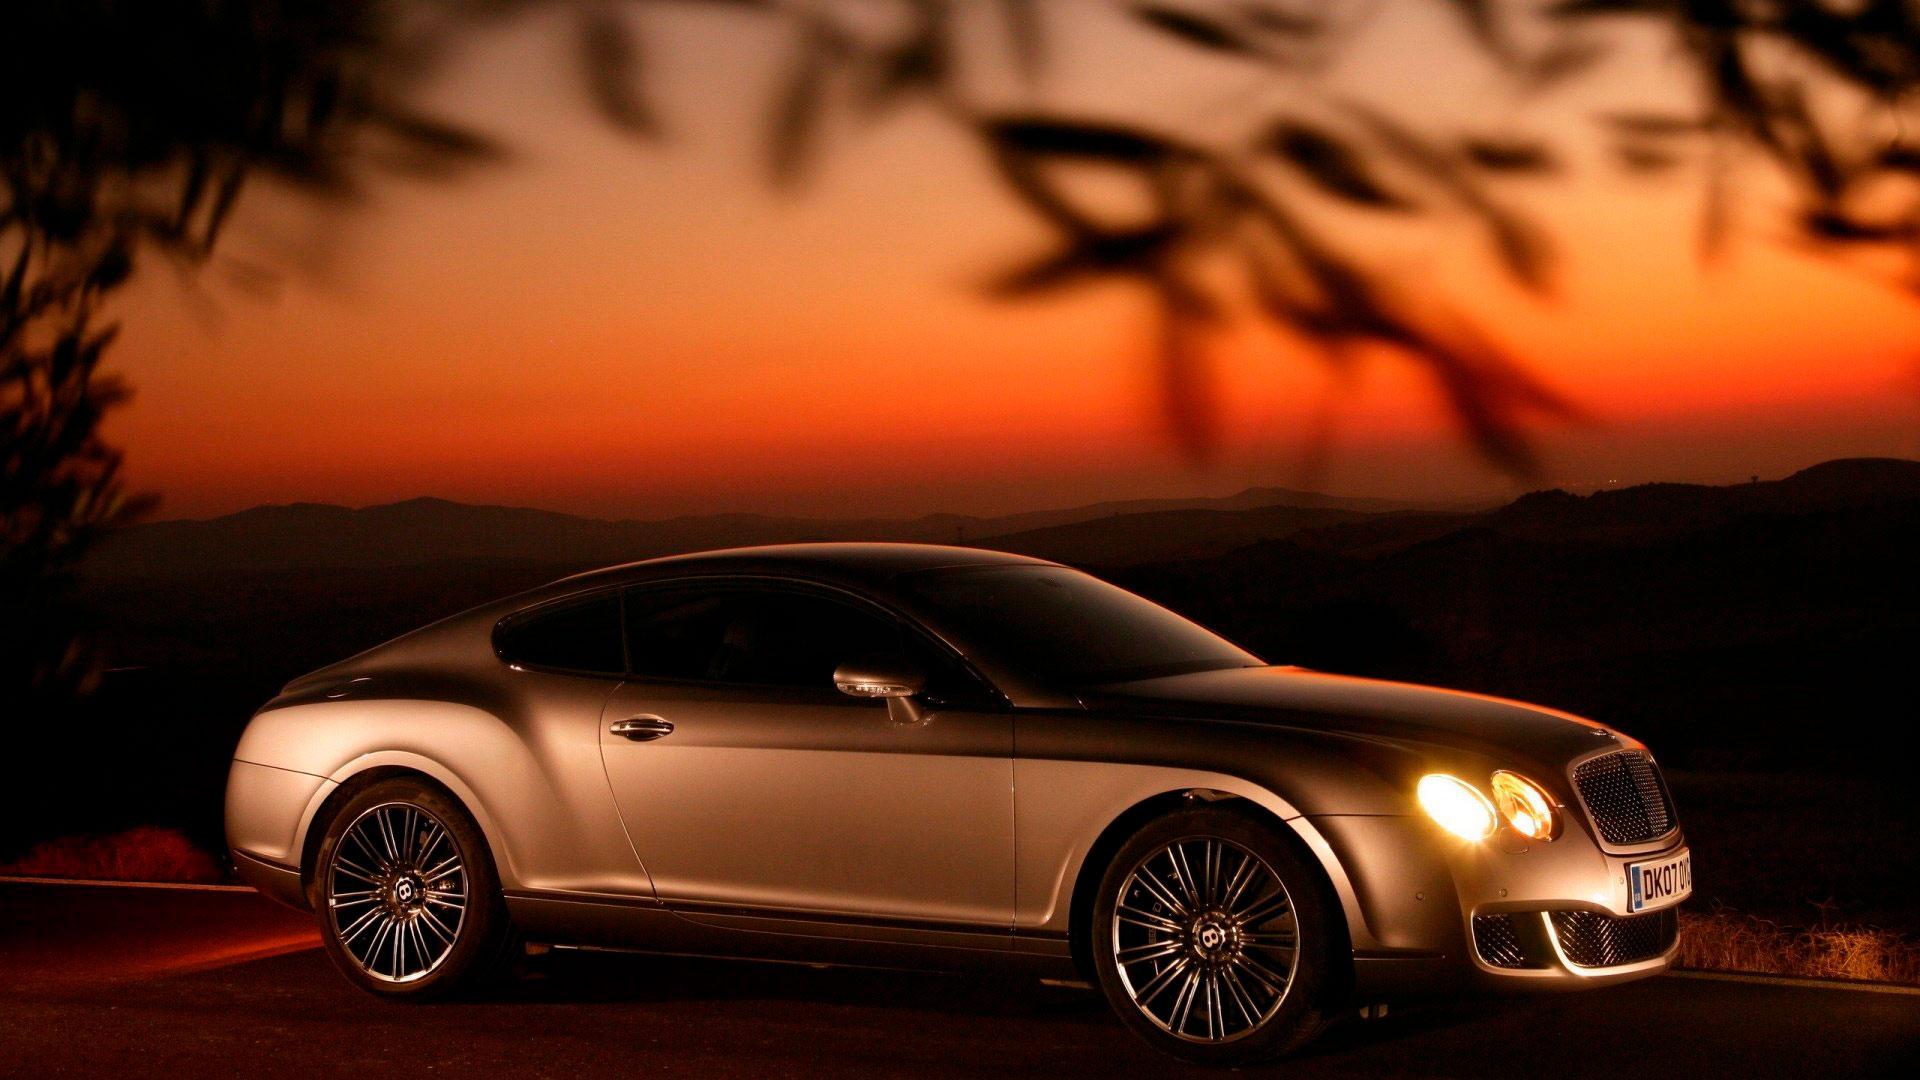 Классные и красивые картинки, фото Bentley на рабочий стол - подборка 1